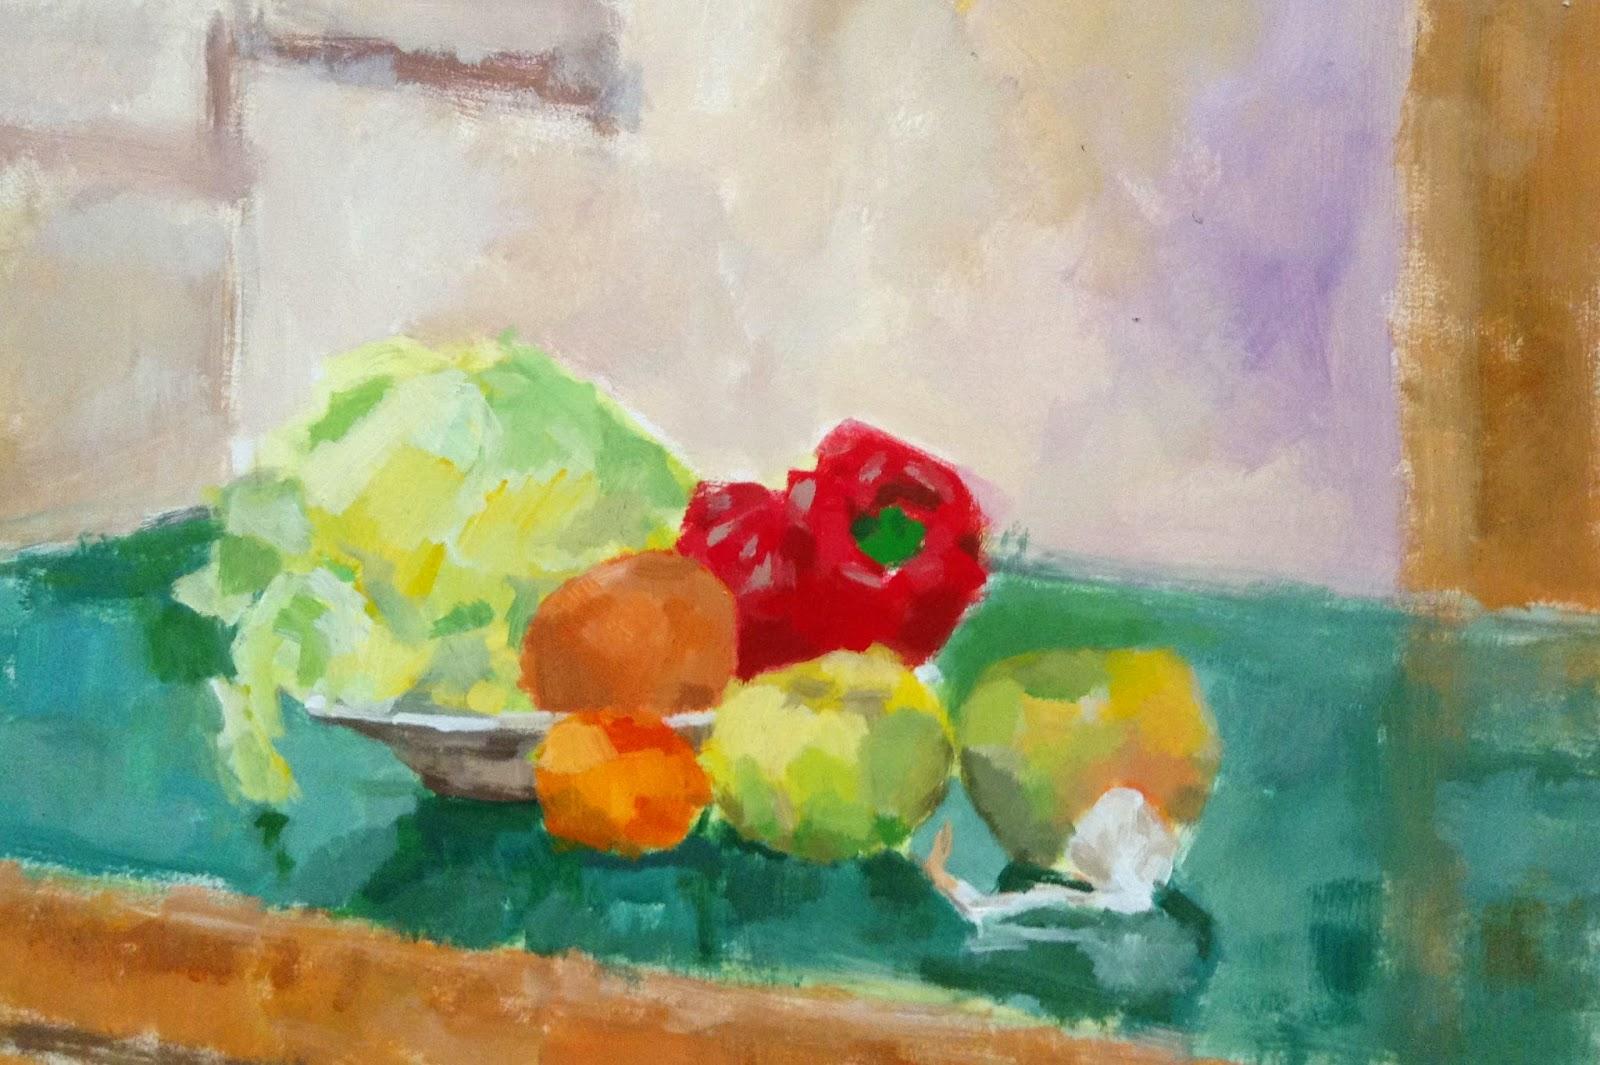 verduras en un plato y sobre una mesa